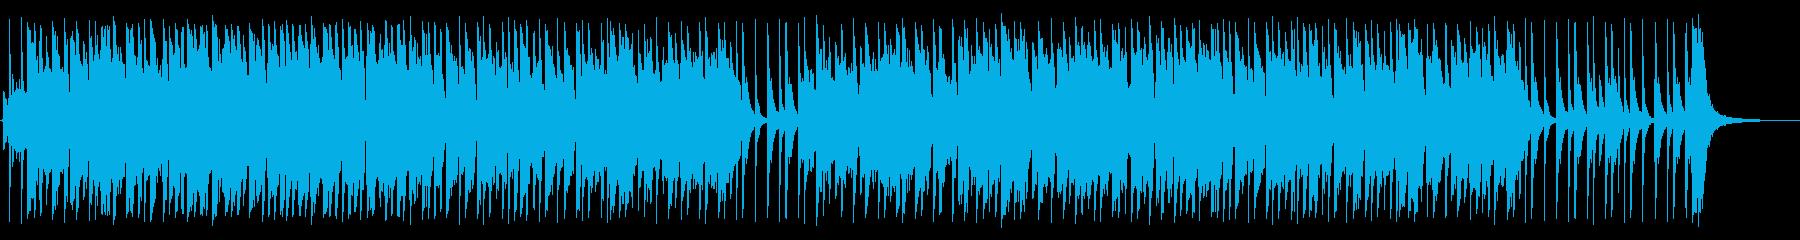 ビートルズ感のある明るいジングルの再生済みの波形